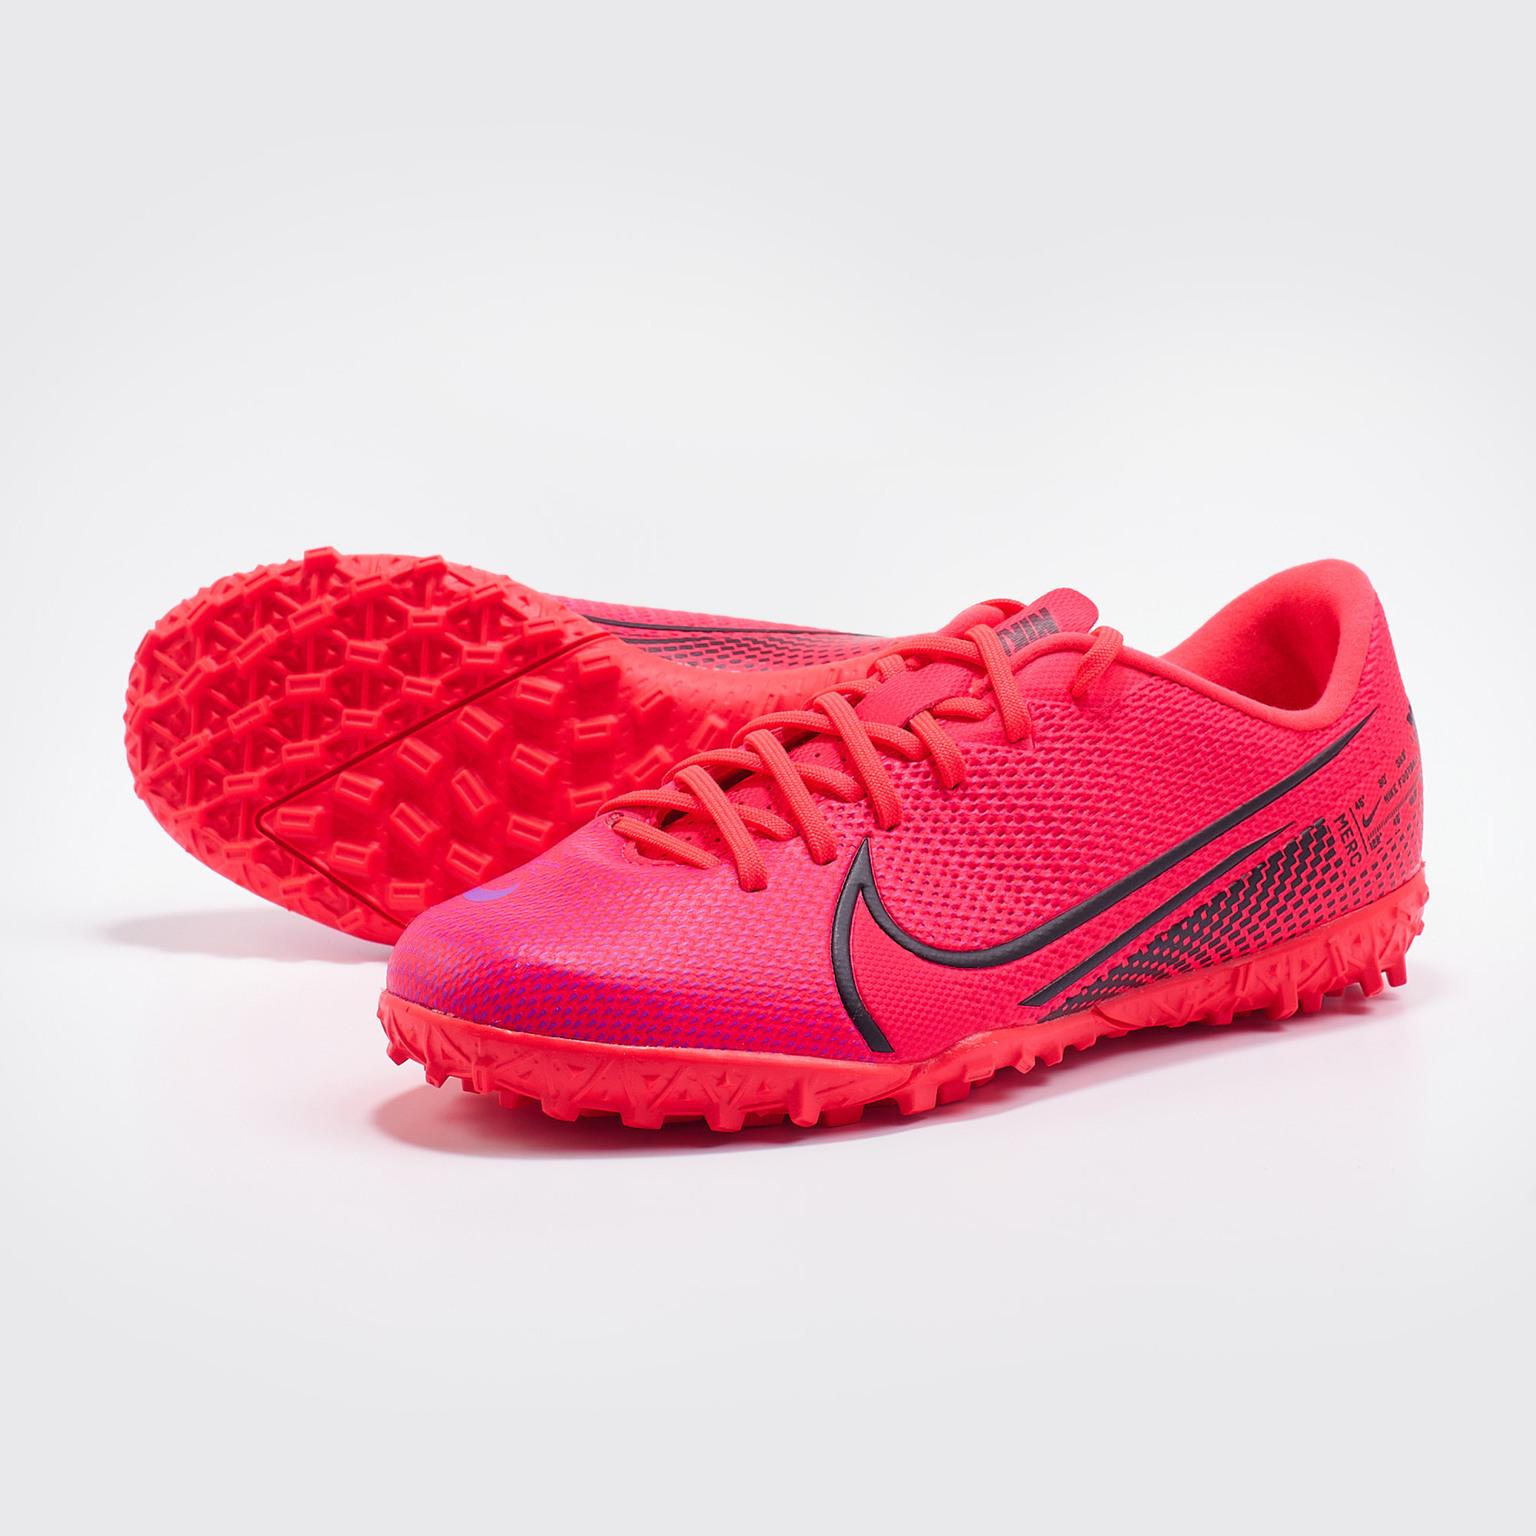 Шиповки детские Nike Vapor 13 Academy TF AT8145-606 шиповки детские nike legend 8 academy tf at5736 606